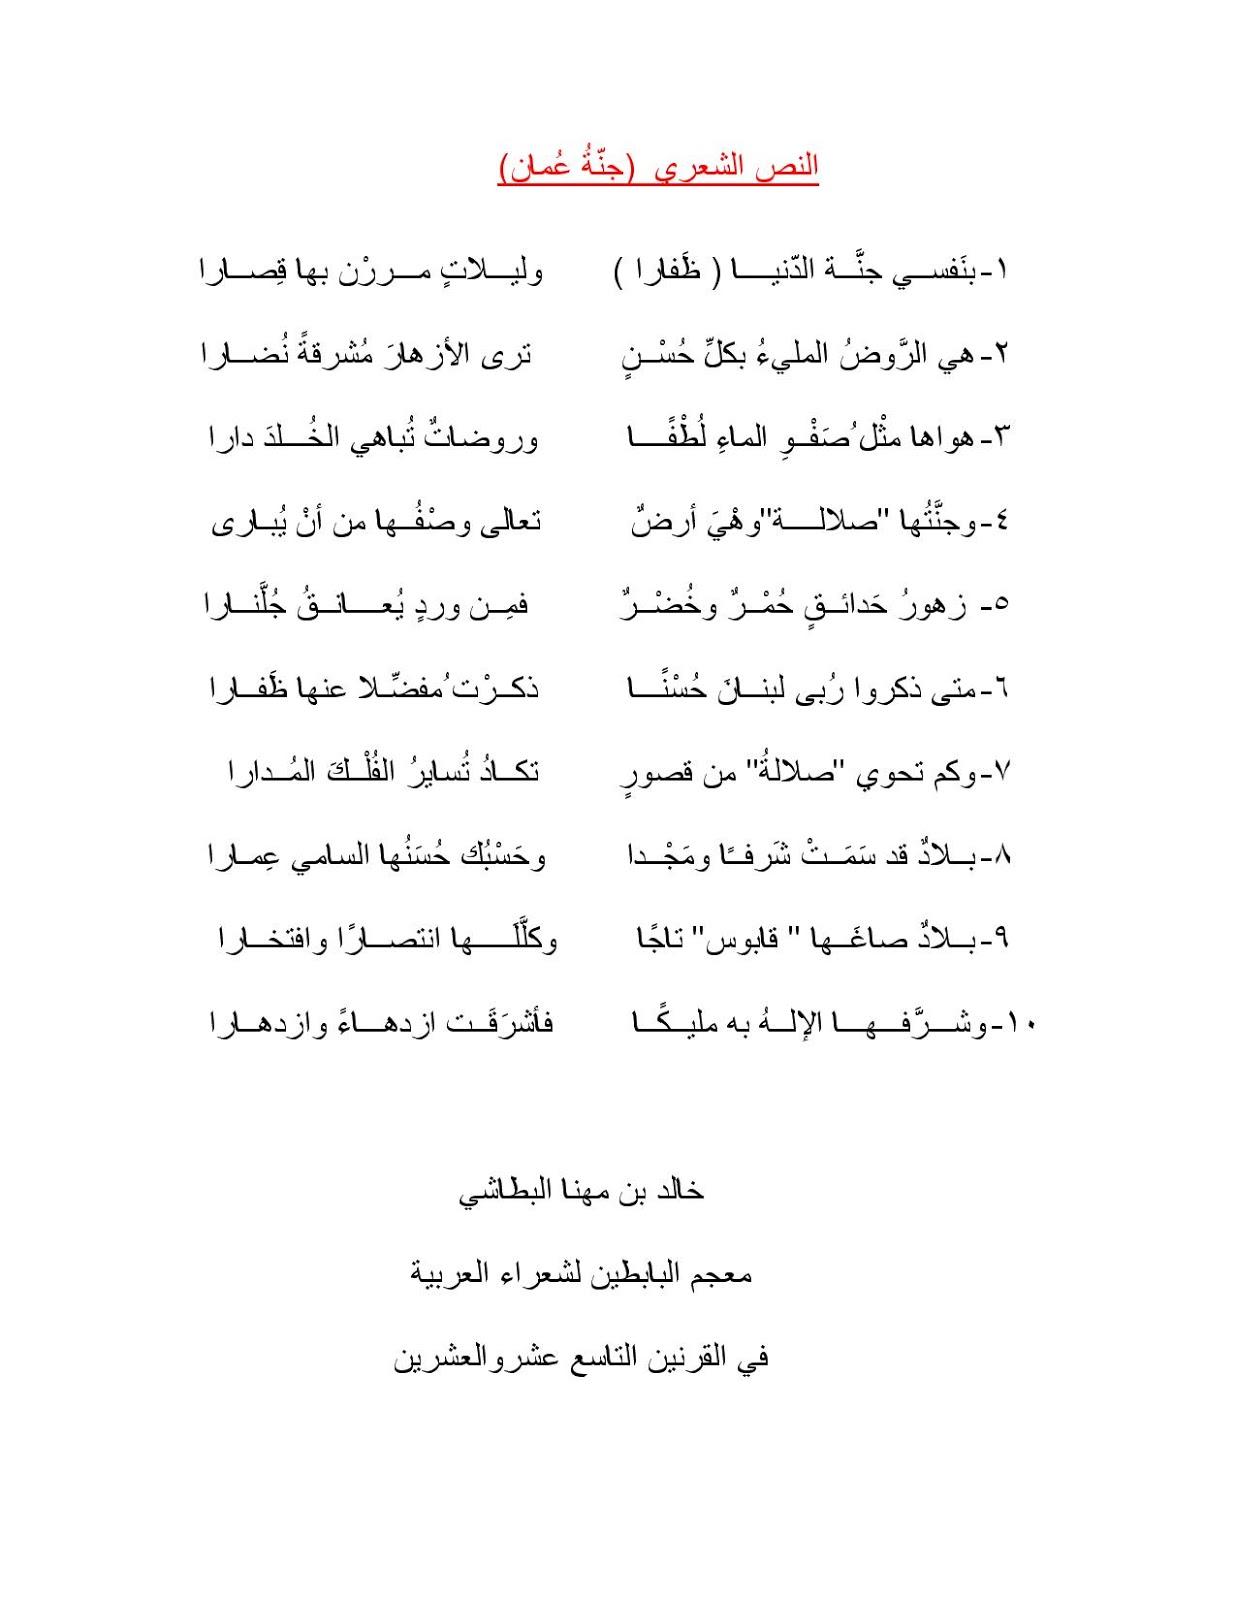 شرح قصيدة جنة عُمان للصف السادس - خالد البطاشي